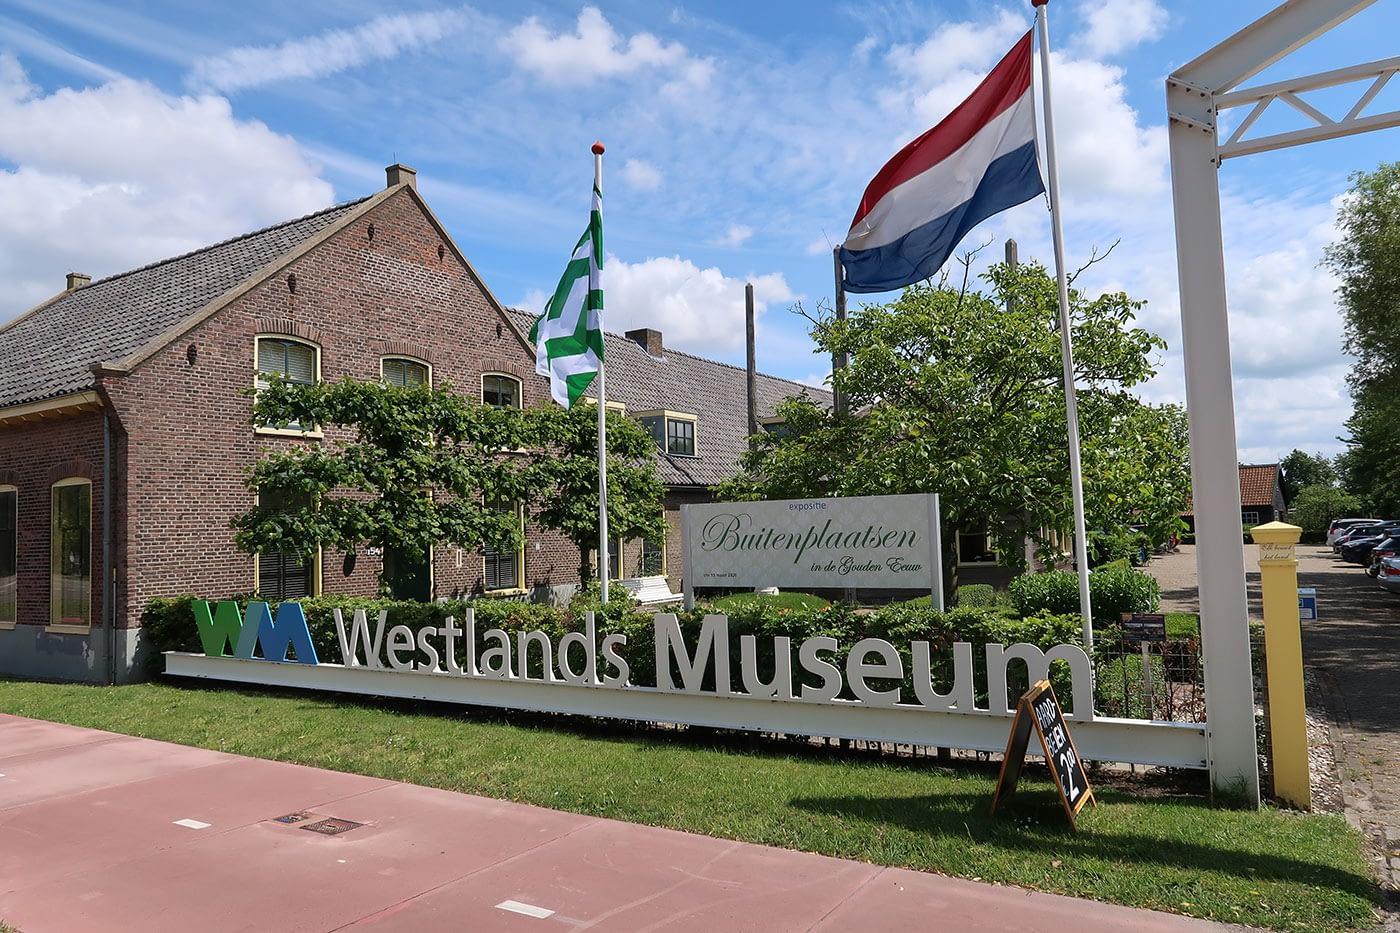 voorzijde van het gebouw en de oprit van het westlands museum in het westland